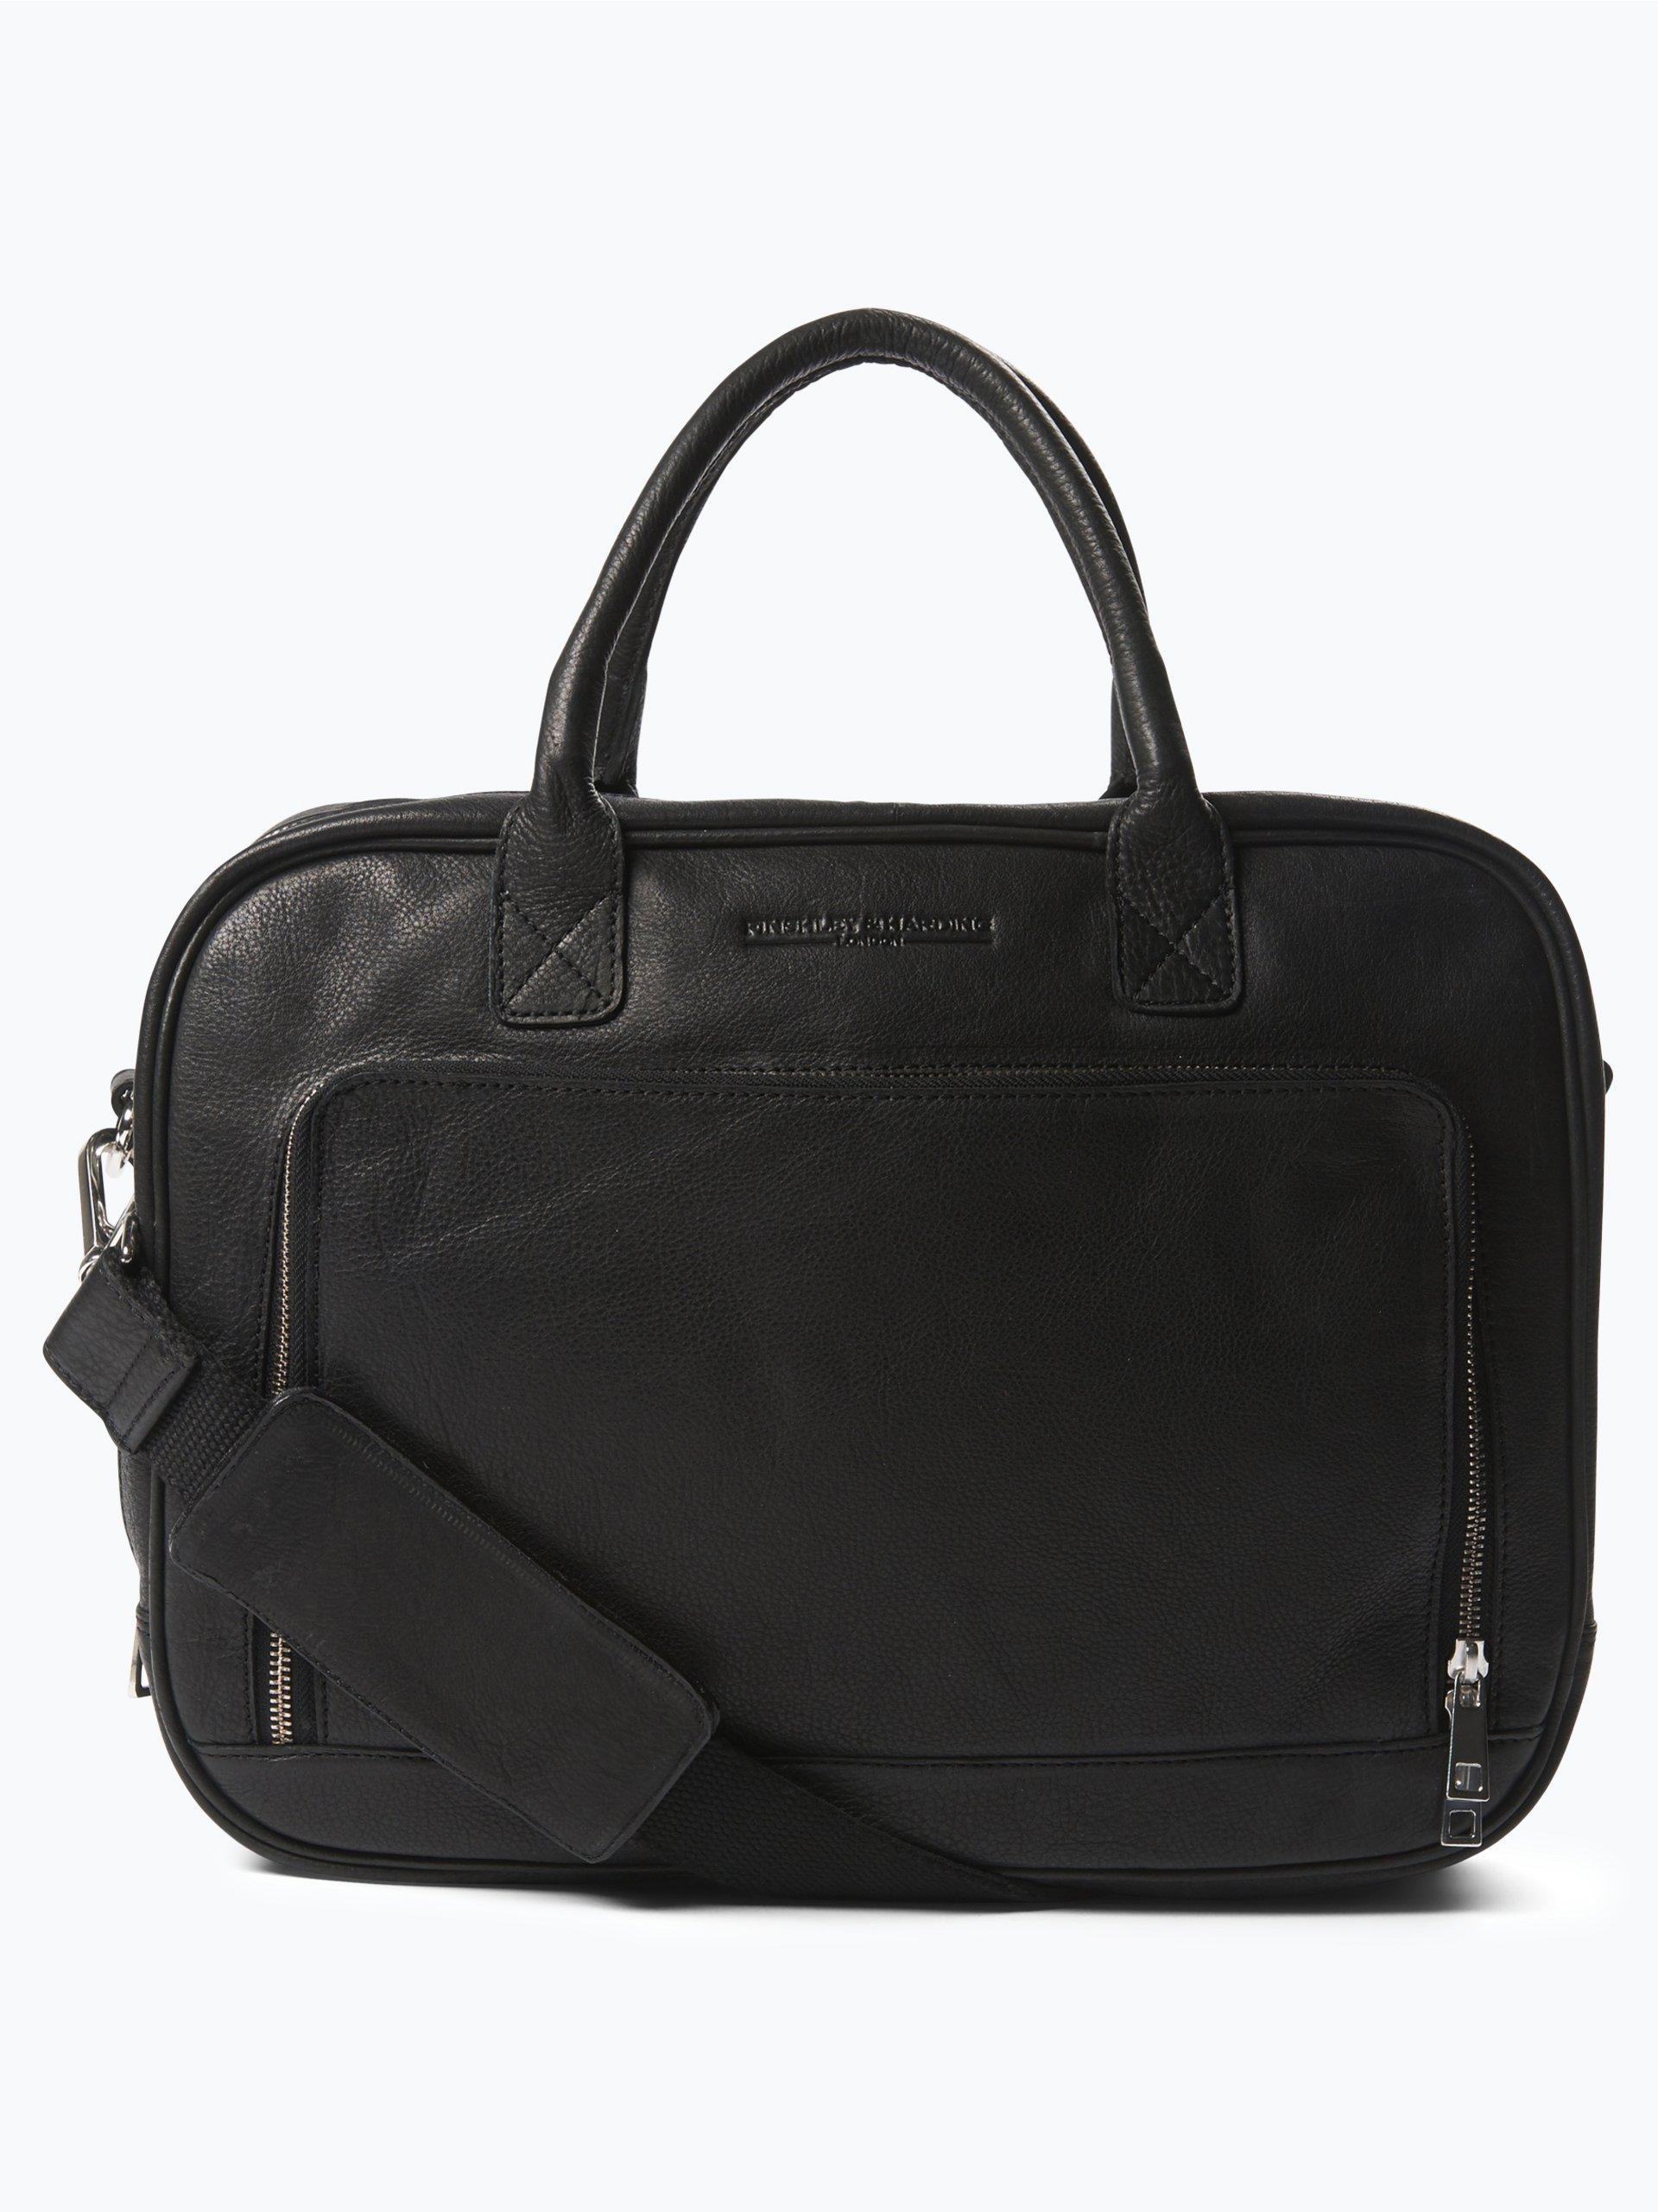 finshley harding london herren laptop tasche aus leder online kaufen vangraaf com. Black Bedroom Furniture Sets. Home Design Ideas